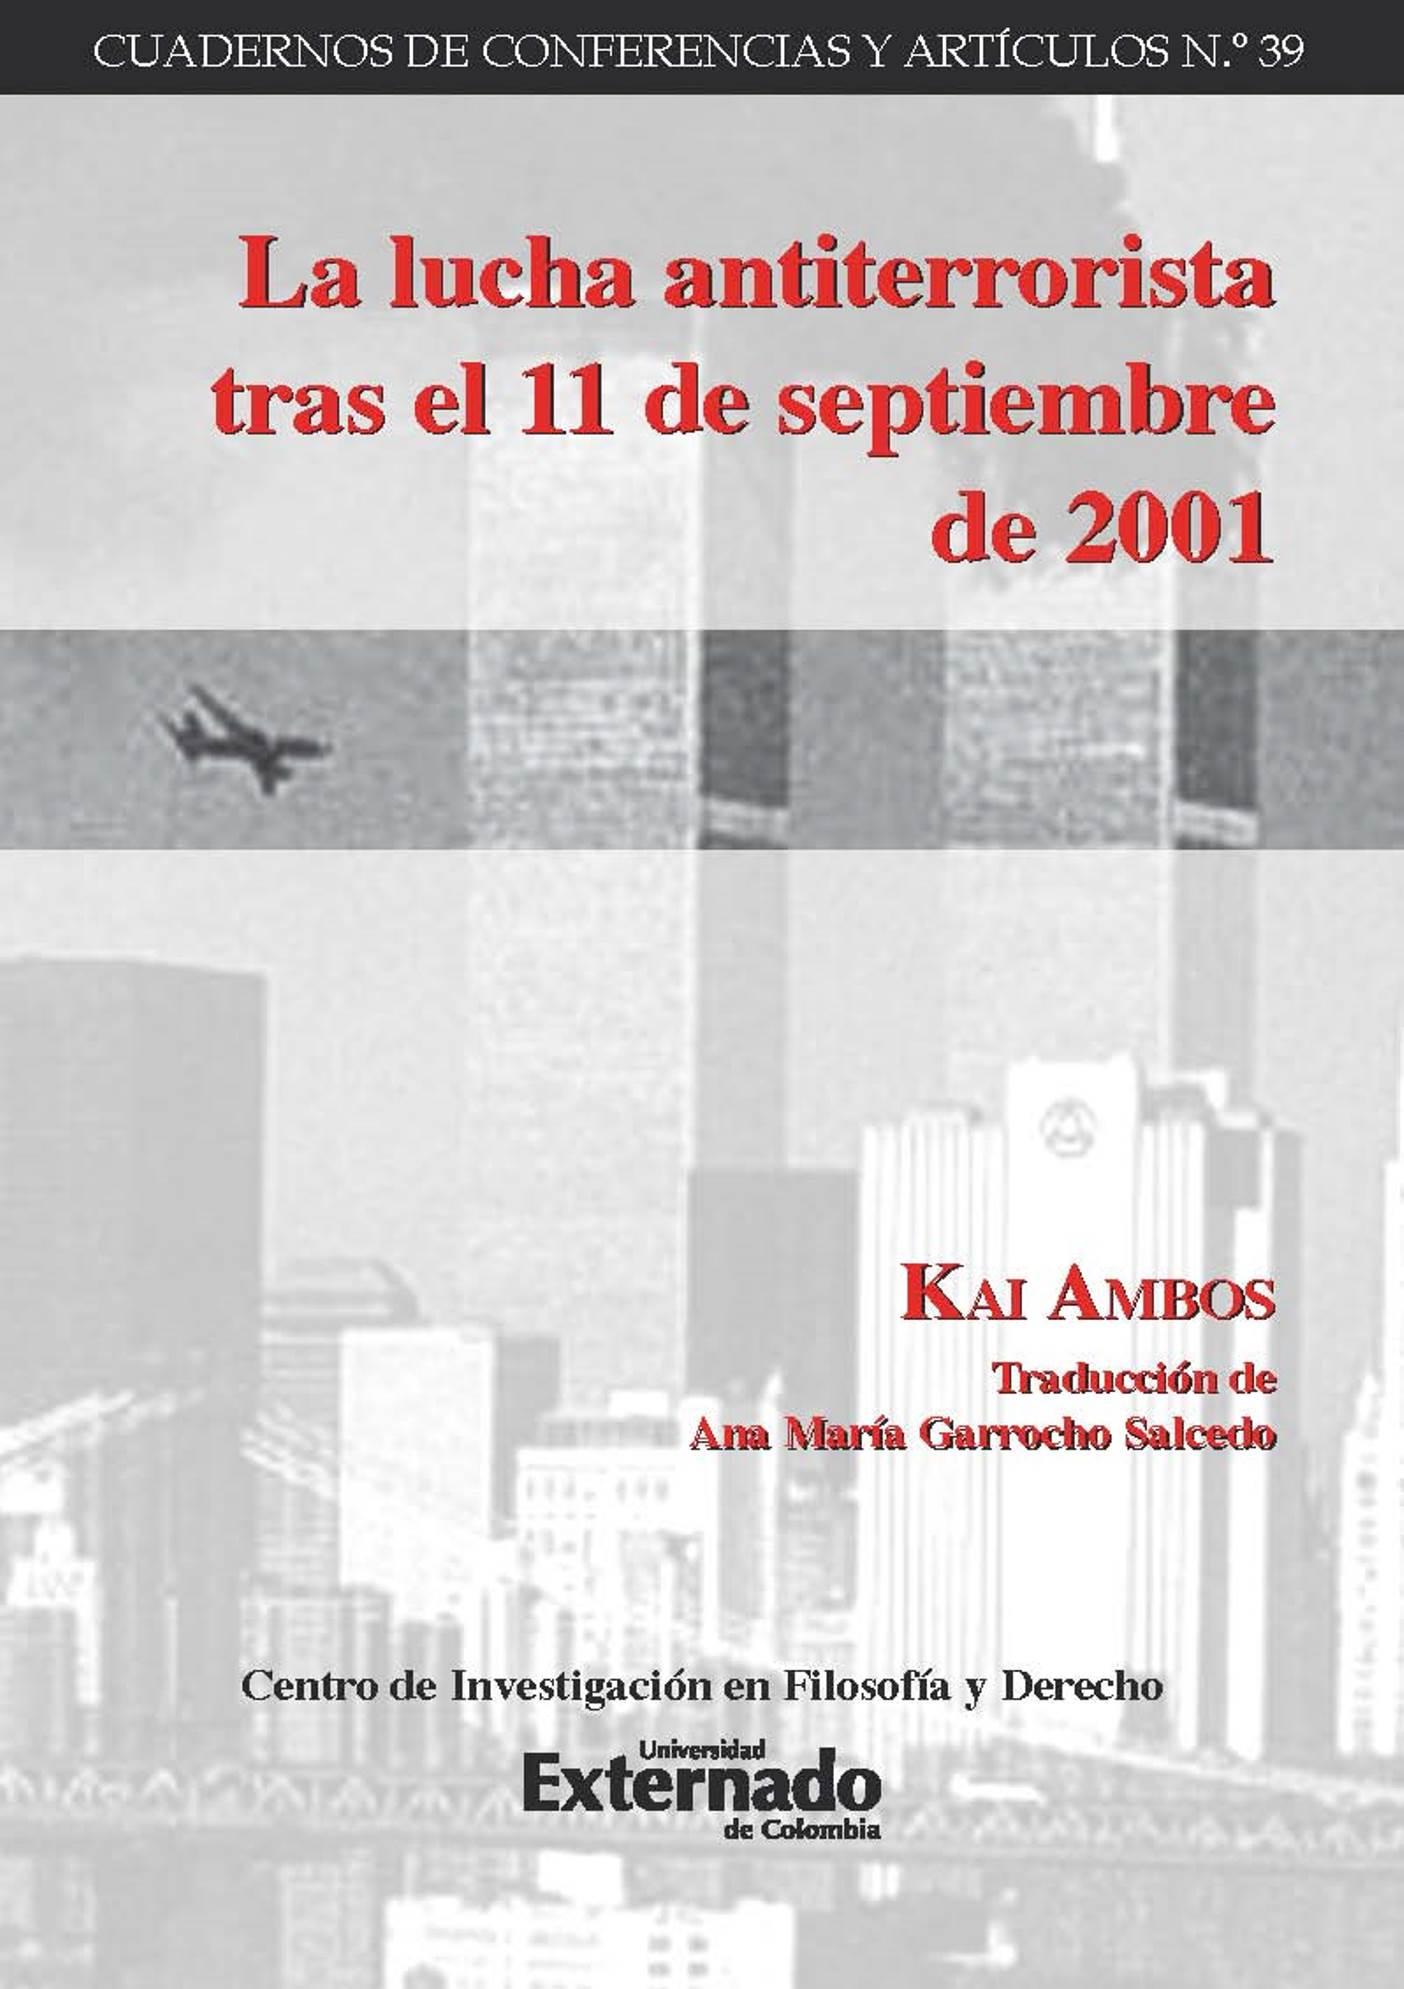 Kai Ambos La lucha antiterrorista tras el 11 de septiembre de 2001 las luces de septiembre